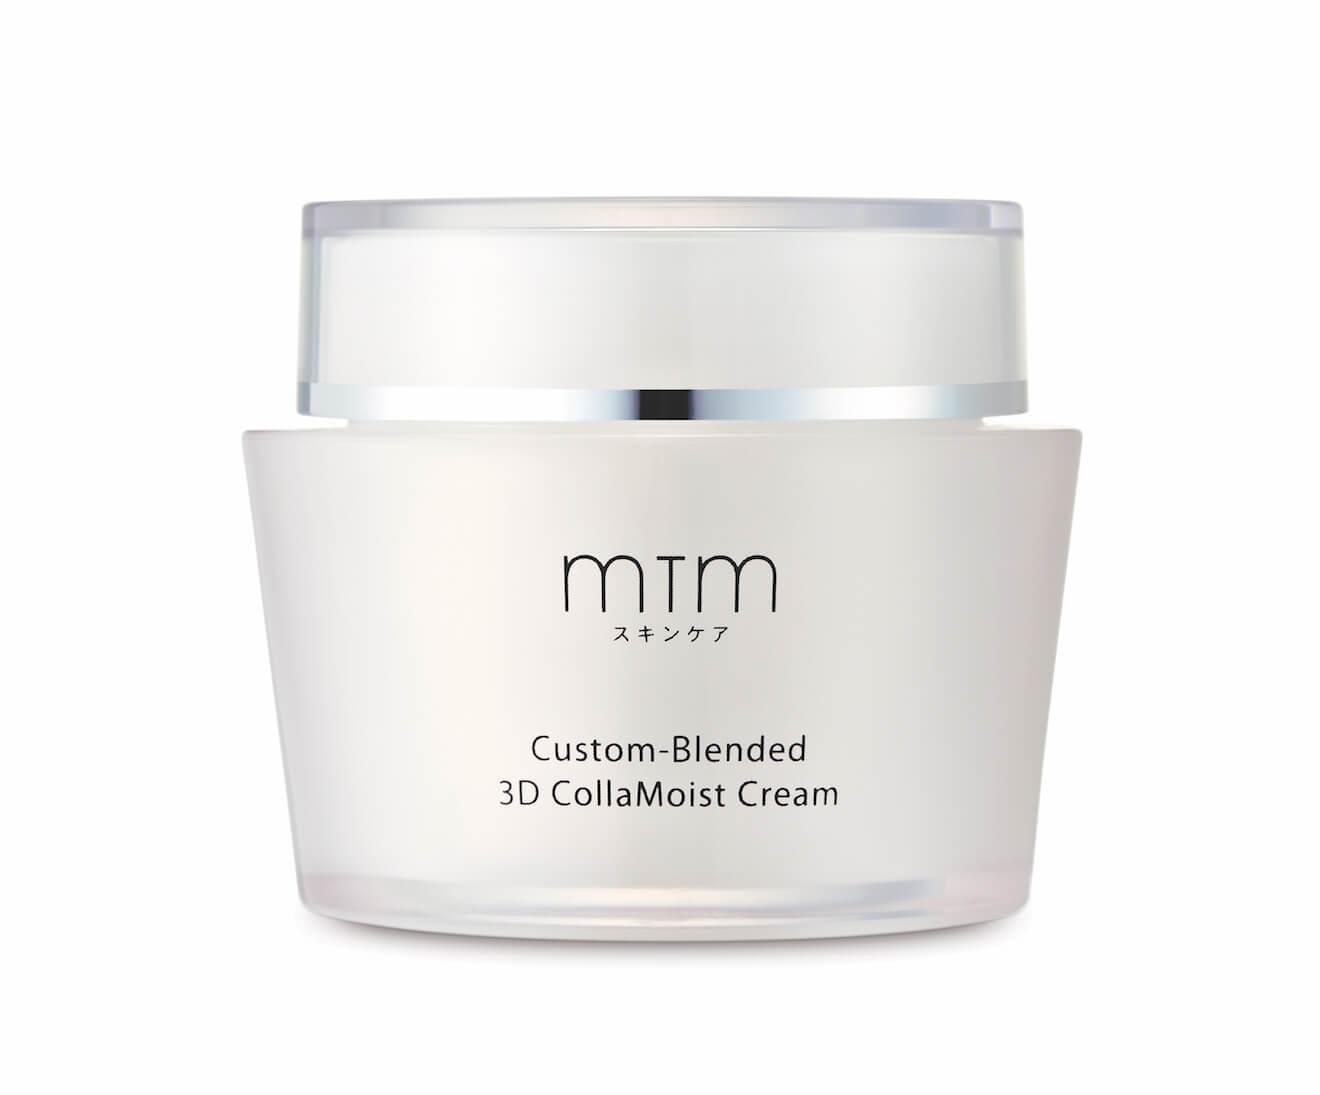 啟動3d肌密!mtm custom-blended 3d collamoist系列 啟動3D肌密!MTM Custom-Blended 3D CollaMoist系列 MTM CB 3D CollaMoist Cream